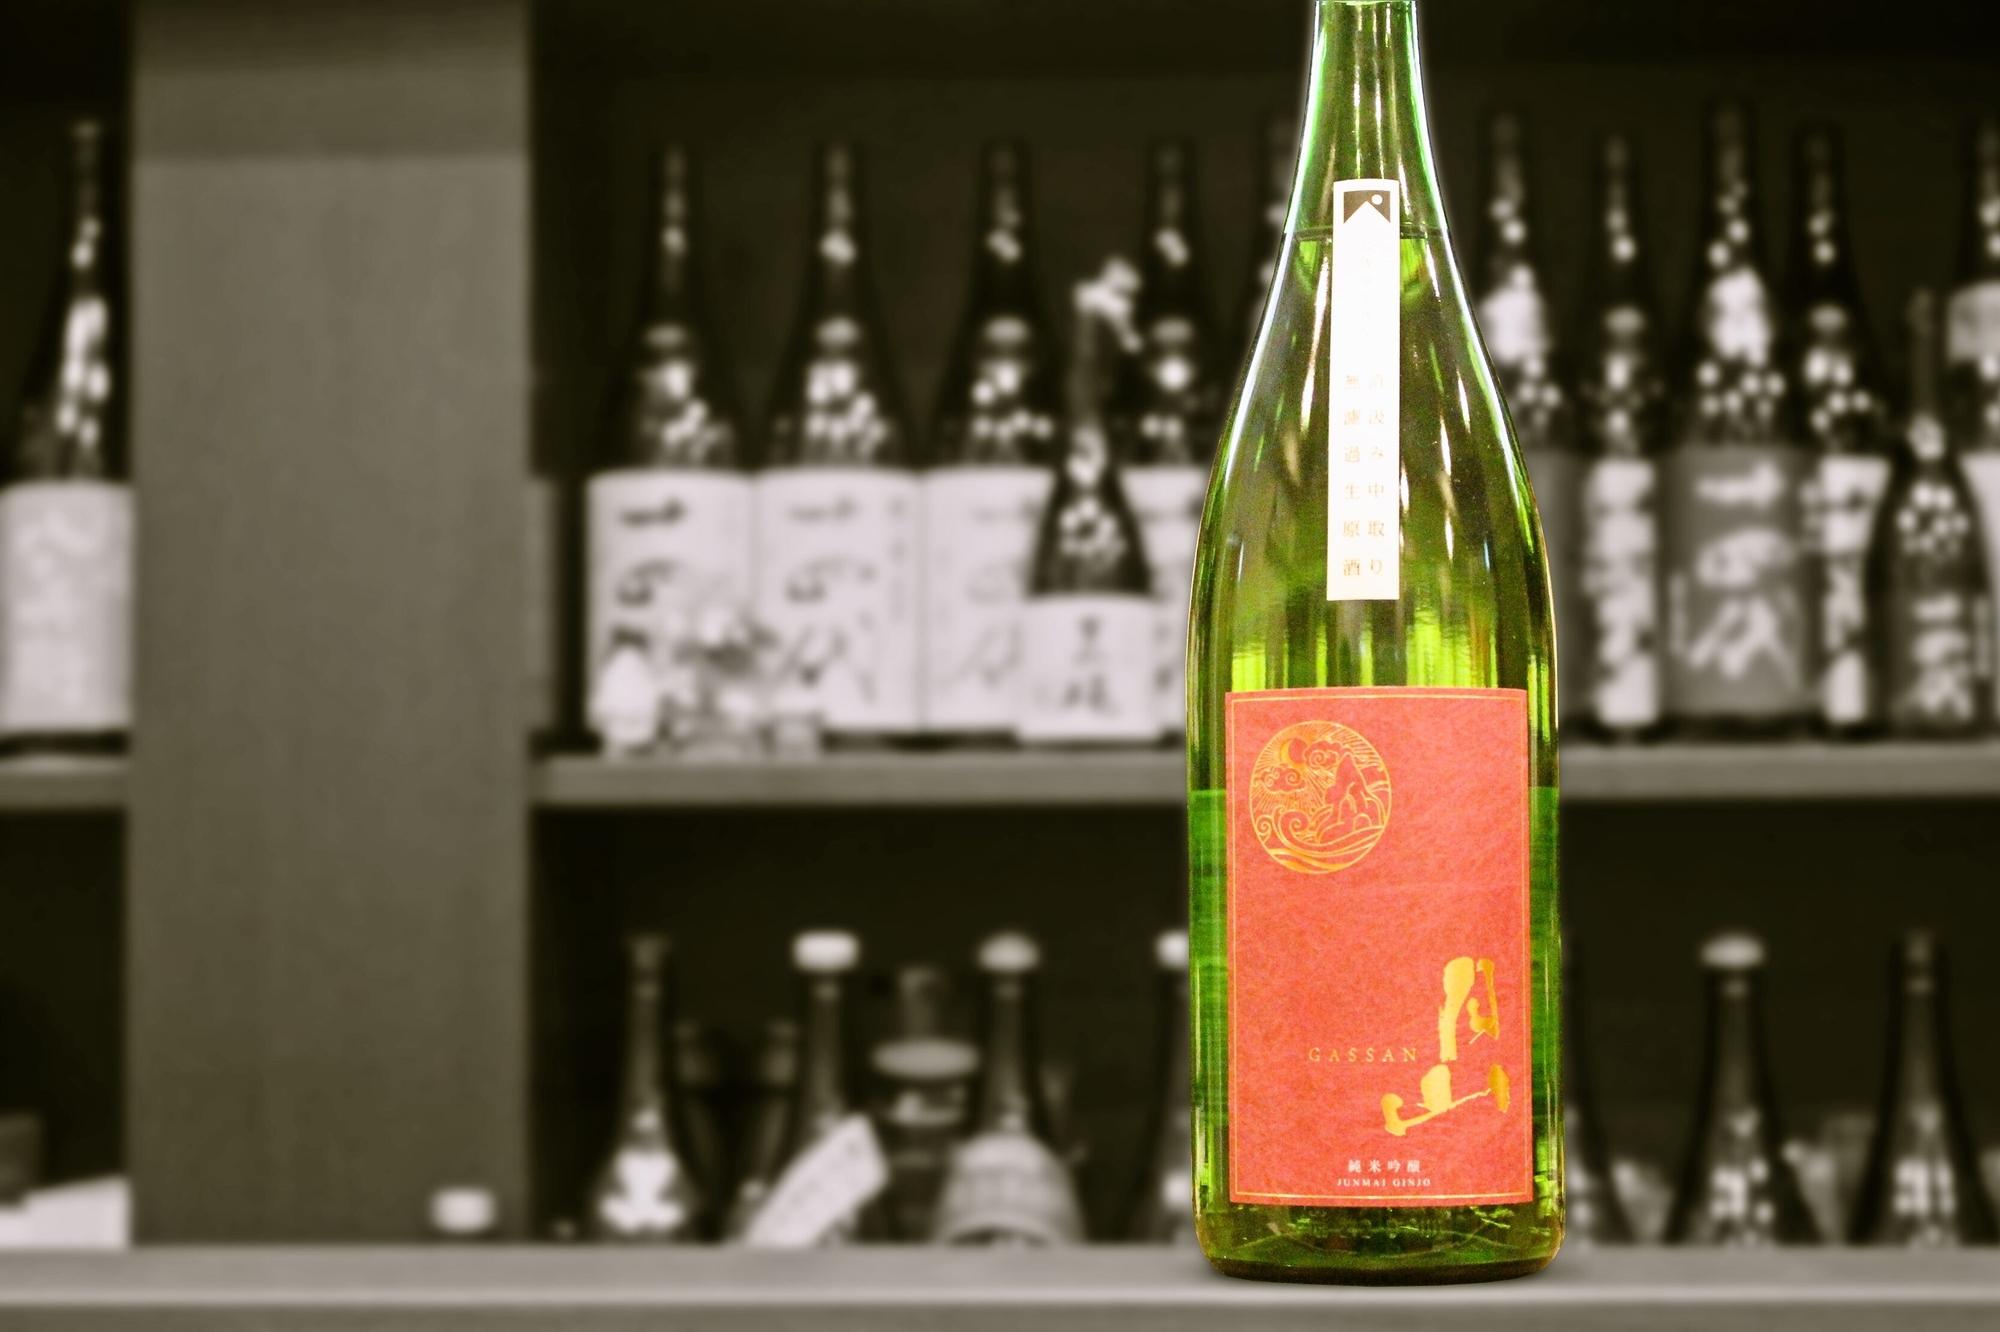 月山純米吟醸中取無濾過生原酒202012-001